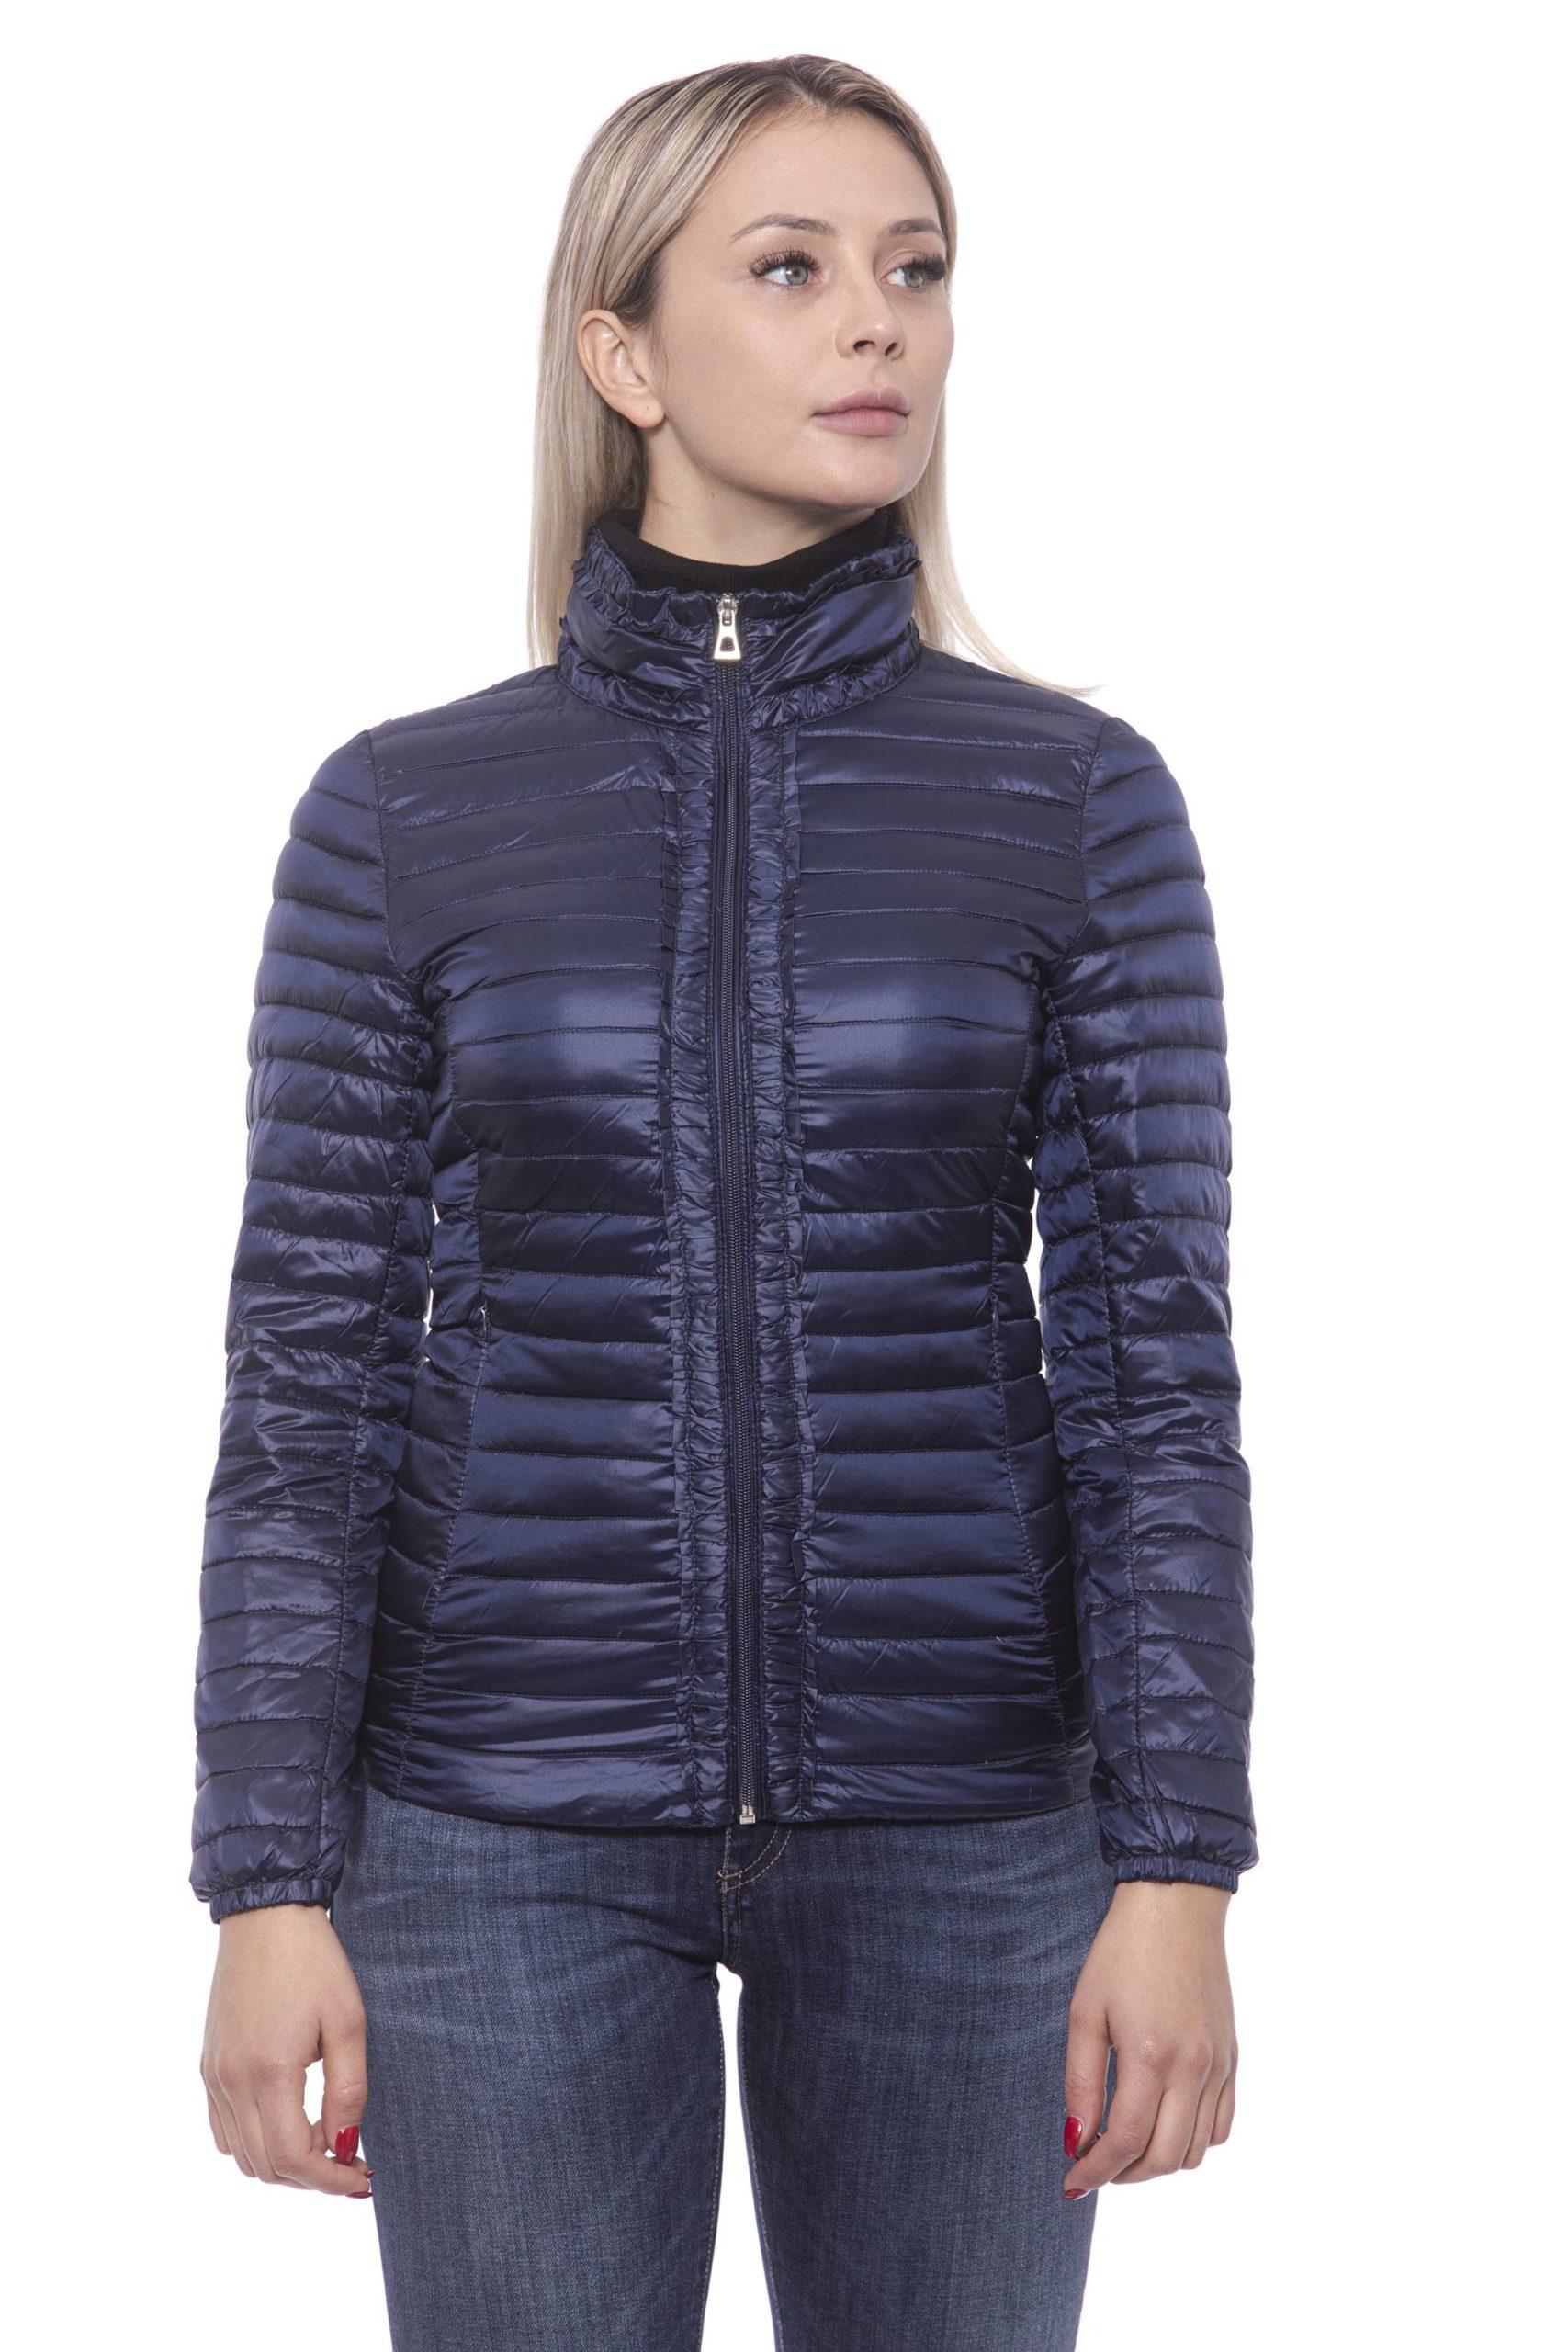 19V69 Italia Women's Jacket Blue 191388325 - S